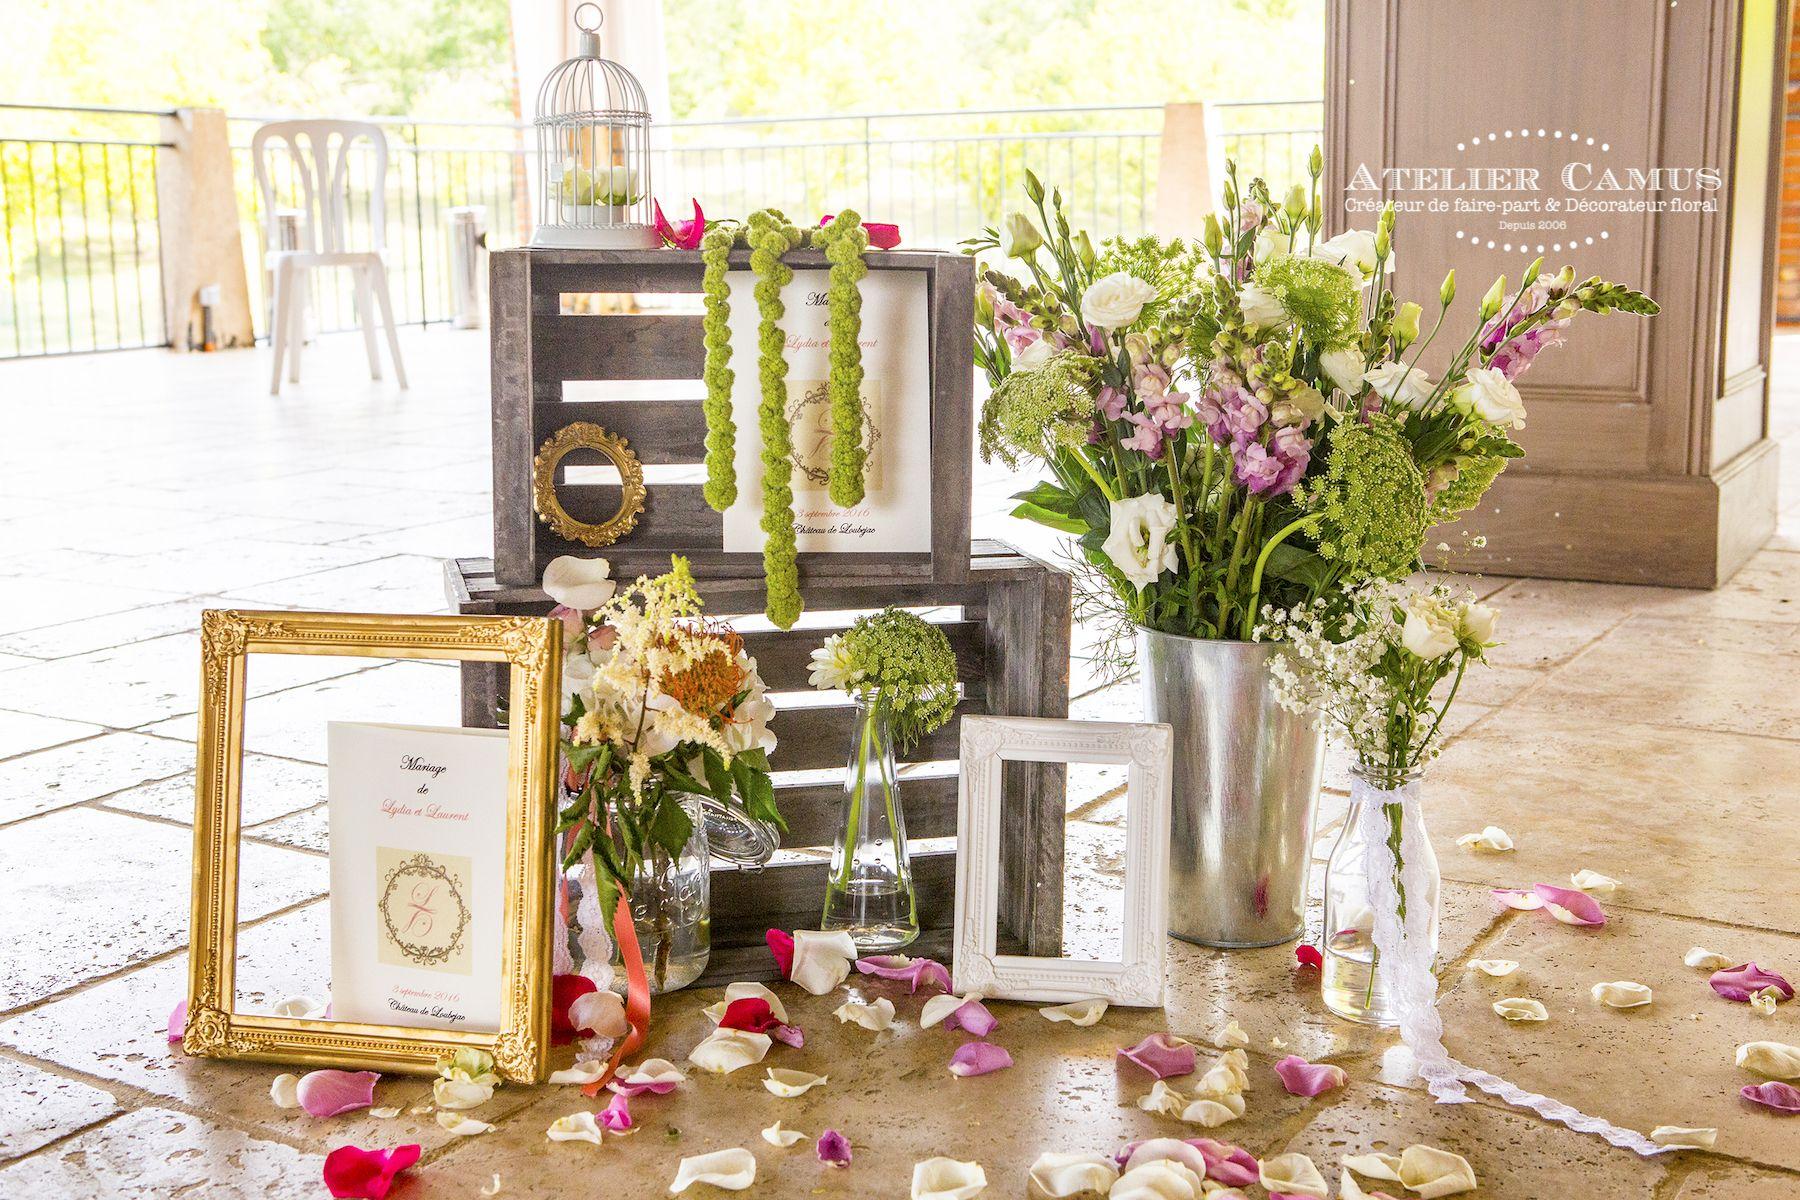 Décoration mariage vintage. Cagettes, bouquets champêtre et cadres on